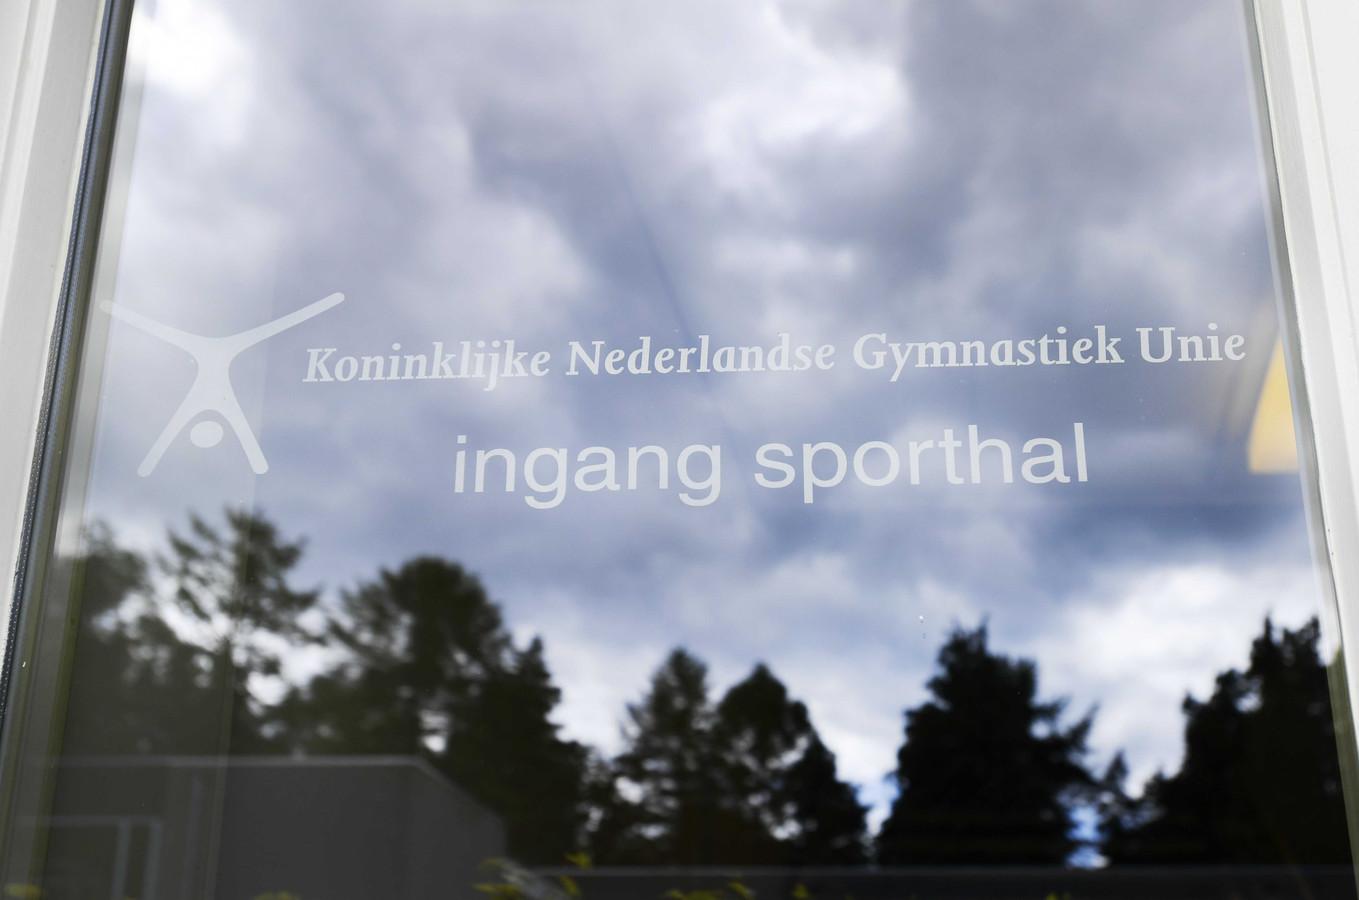 Ingang van de sporthal bij het KNGU hoofdkantoor in Beekbergen.